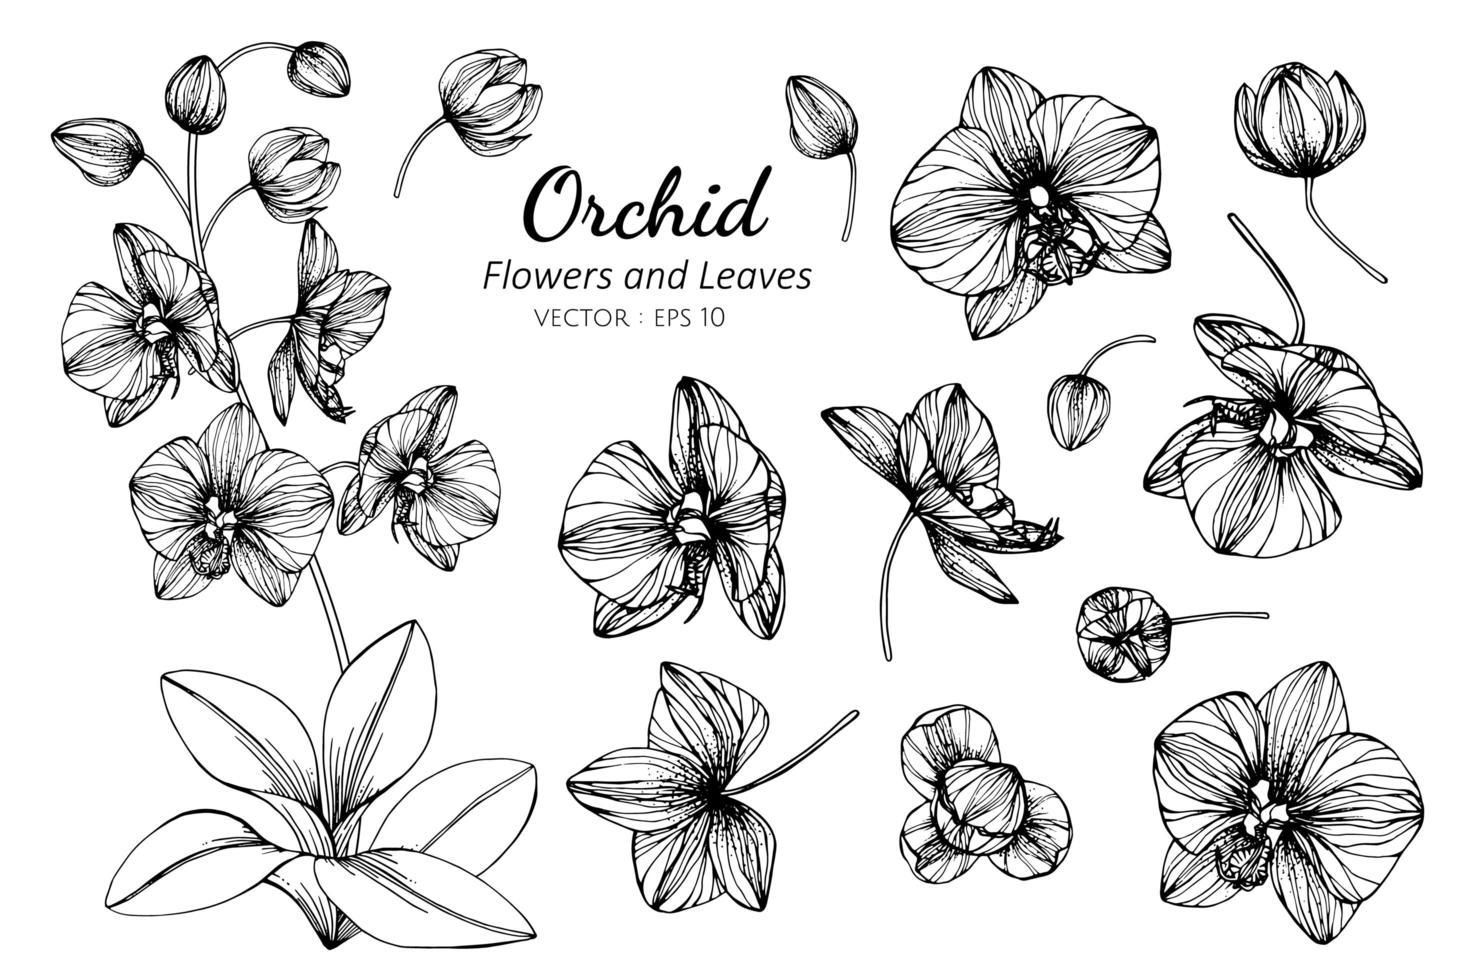 raccolta di fiori e foglie di orchidea vettore